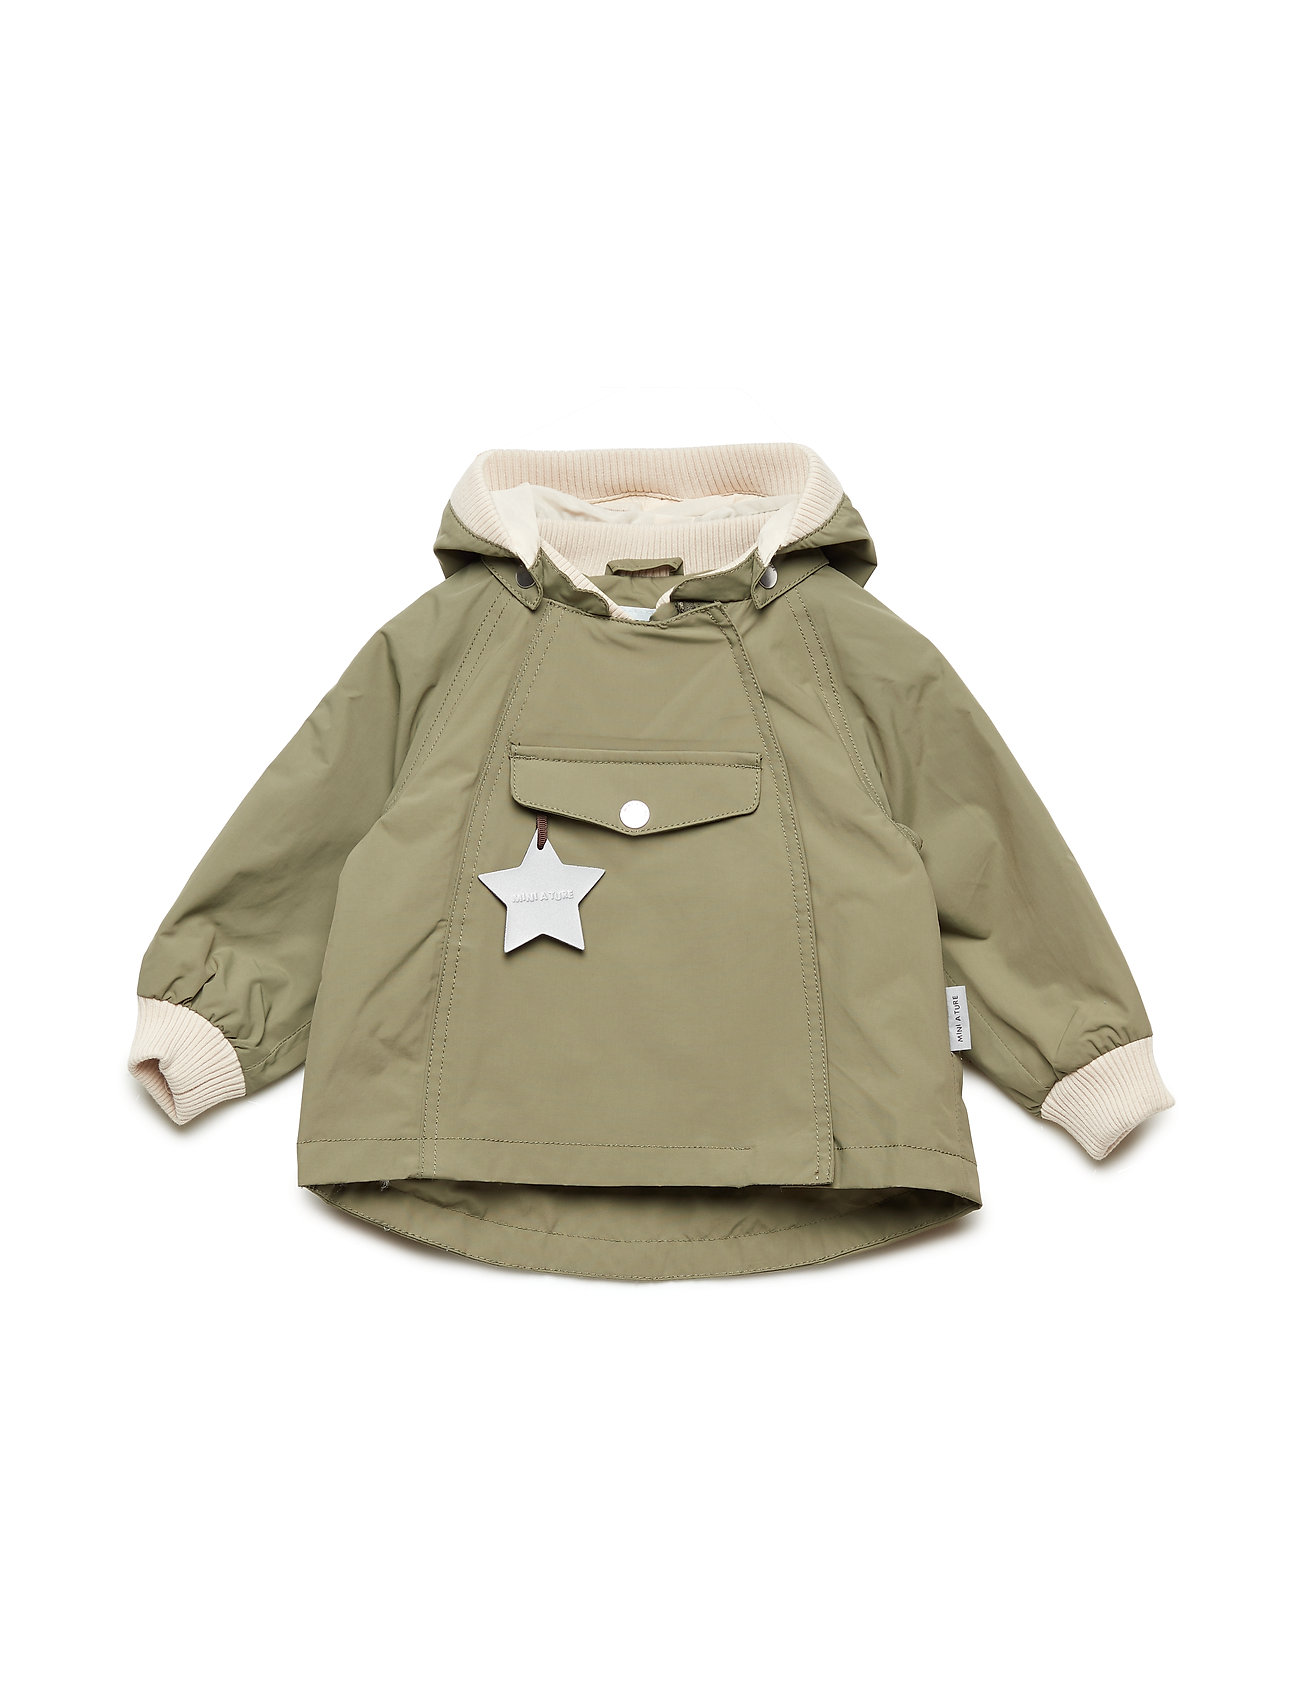 Mini A Ture Wai Jacket, M